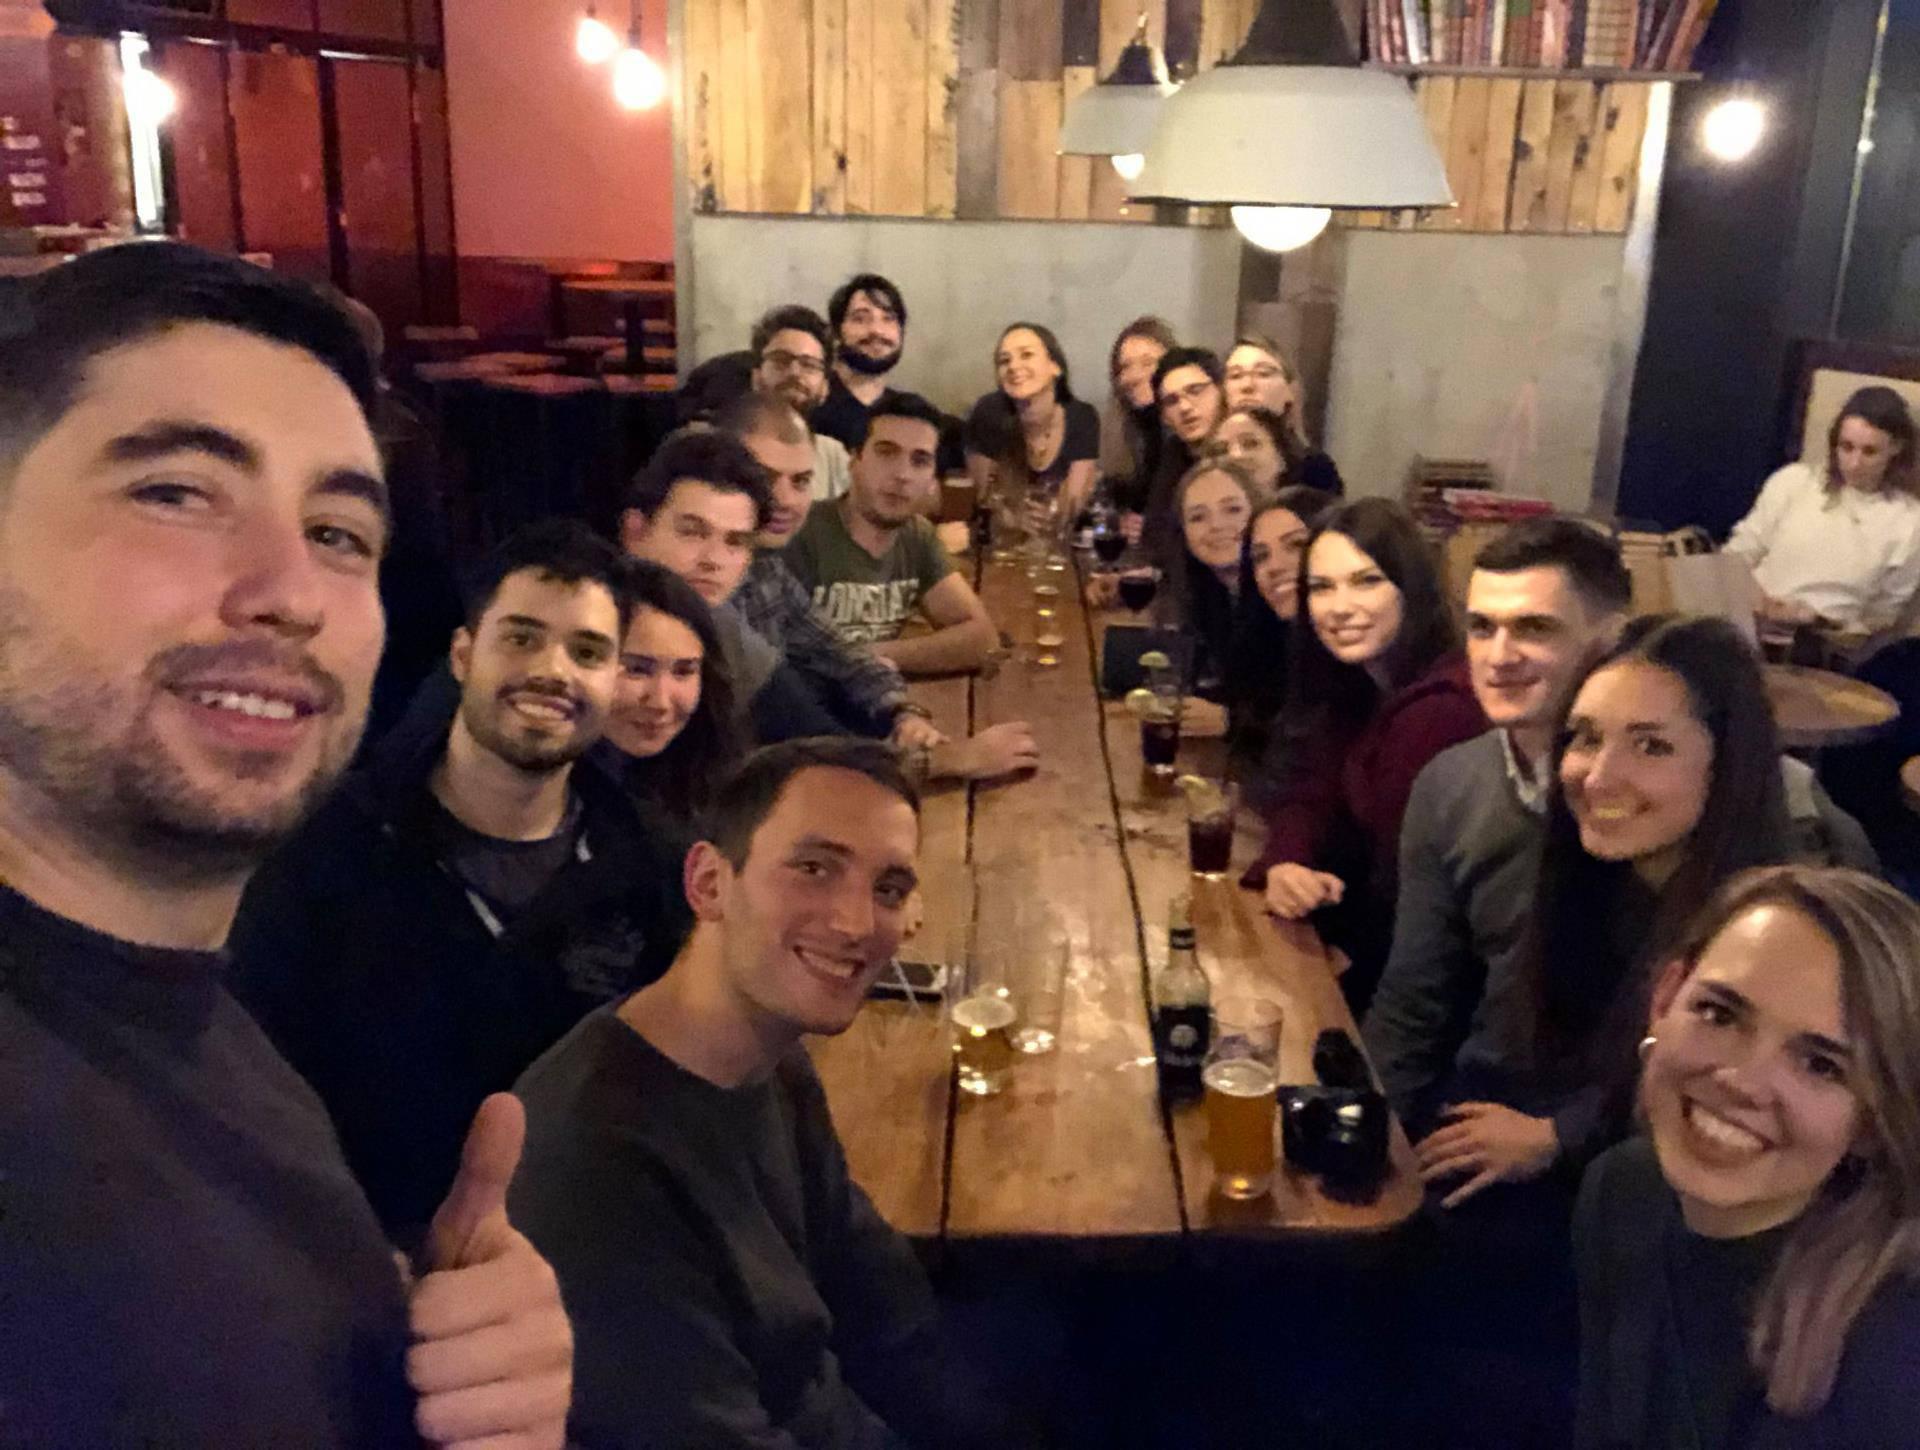 Hrvati, Srbi, Crnogorci sjeli za isti stol: 'Bitno je da si čovjek'